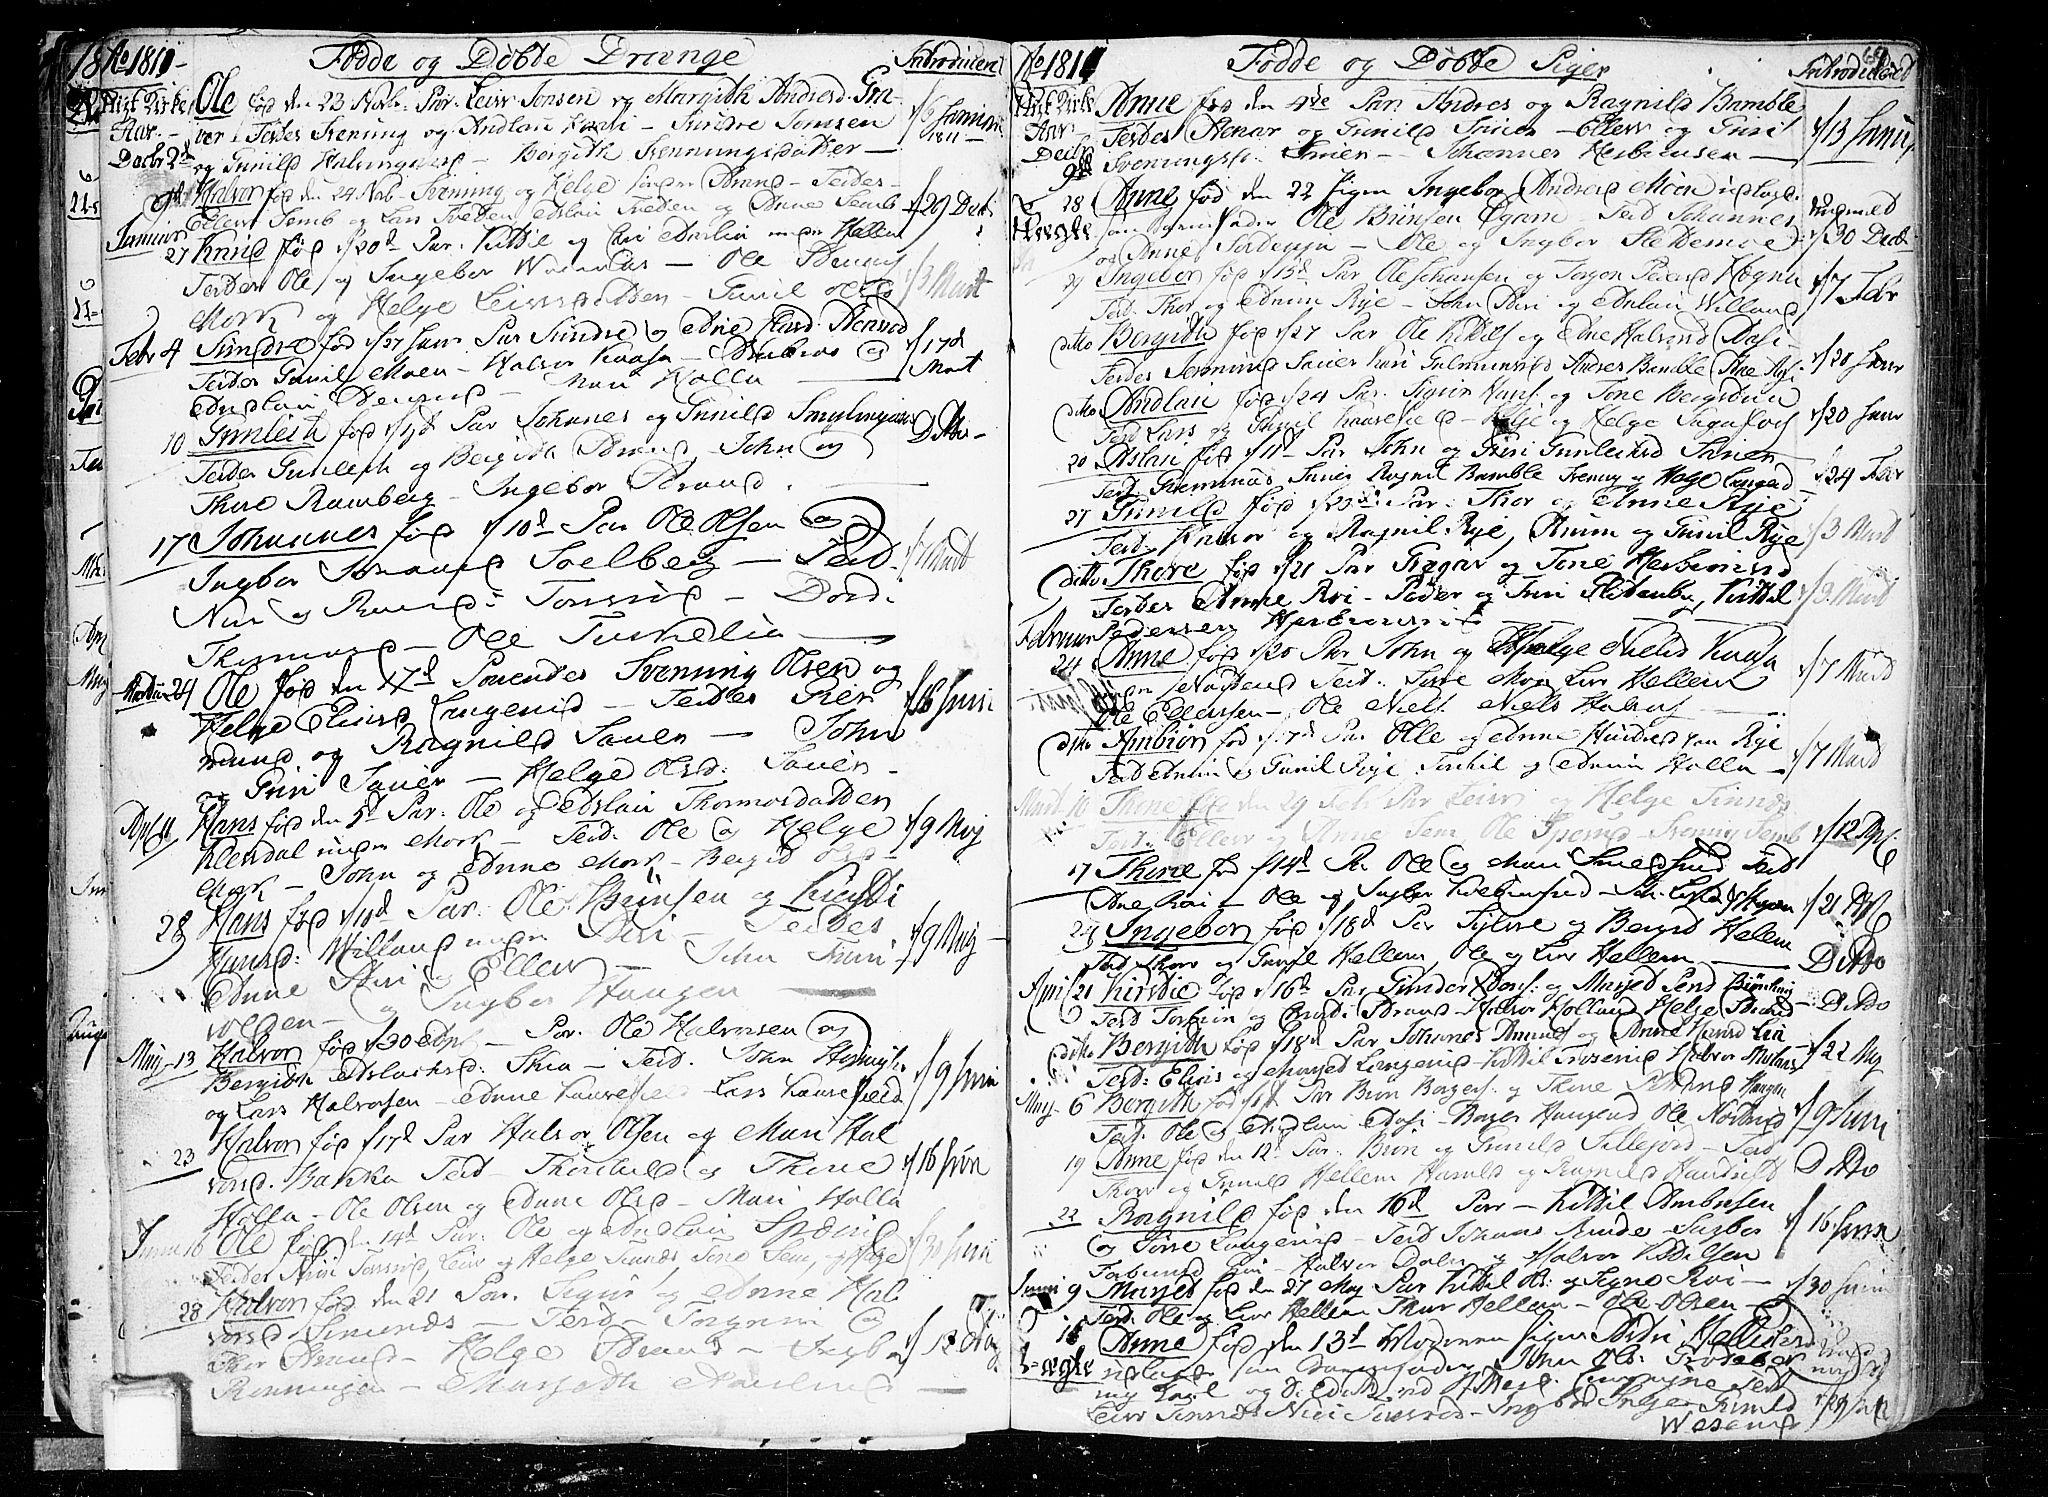 SAKO, Heddal kirkebøker, F/Fa/L0004: Ministerialbok nr. I 4, 1784-1814, s. 69